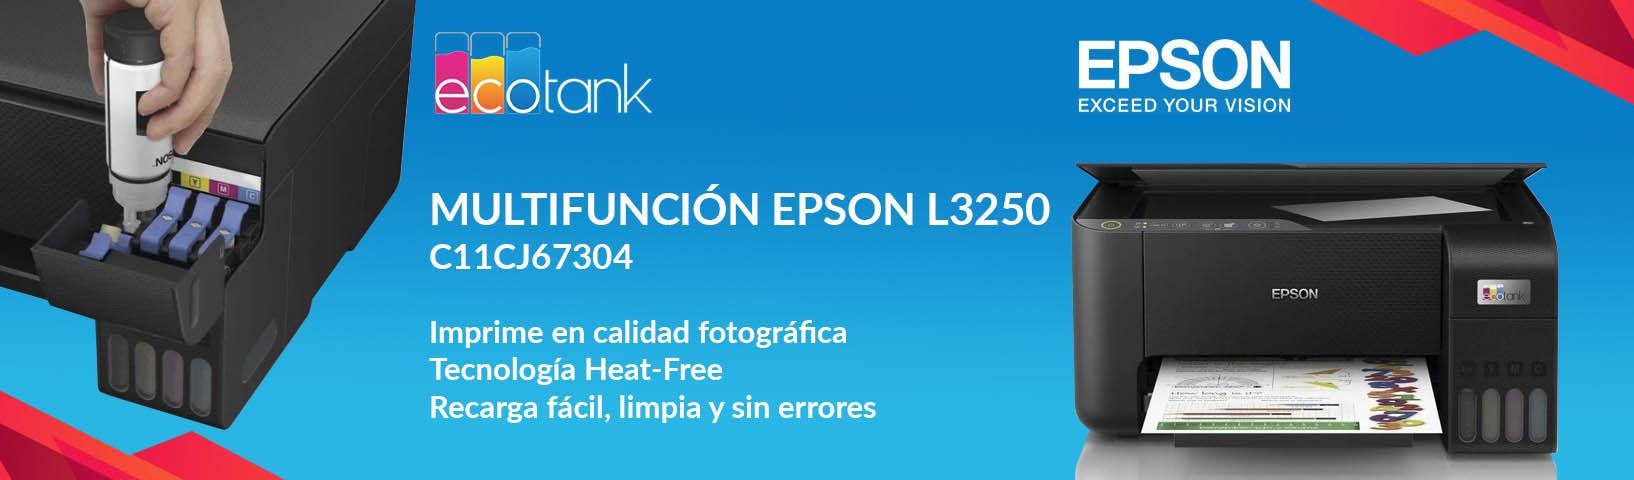 banner-epson3250.jpg